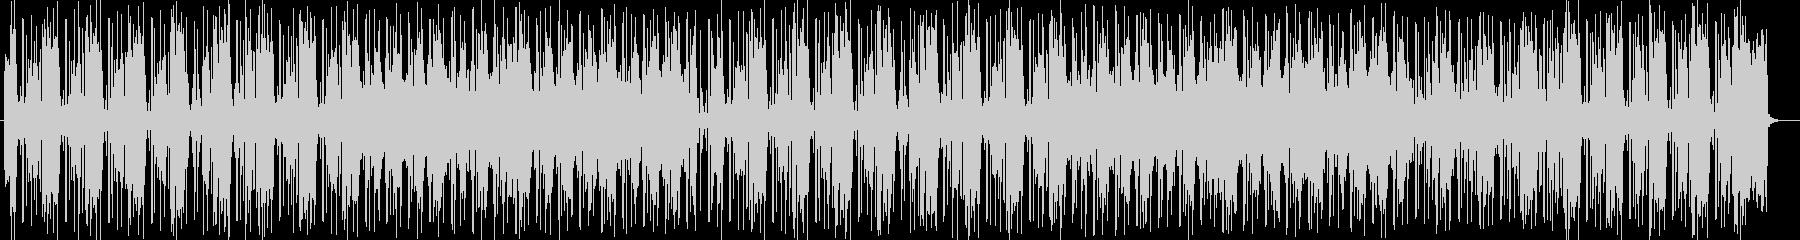 明るくお洒落なシンセサイザー楽曲の未再生の波形